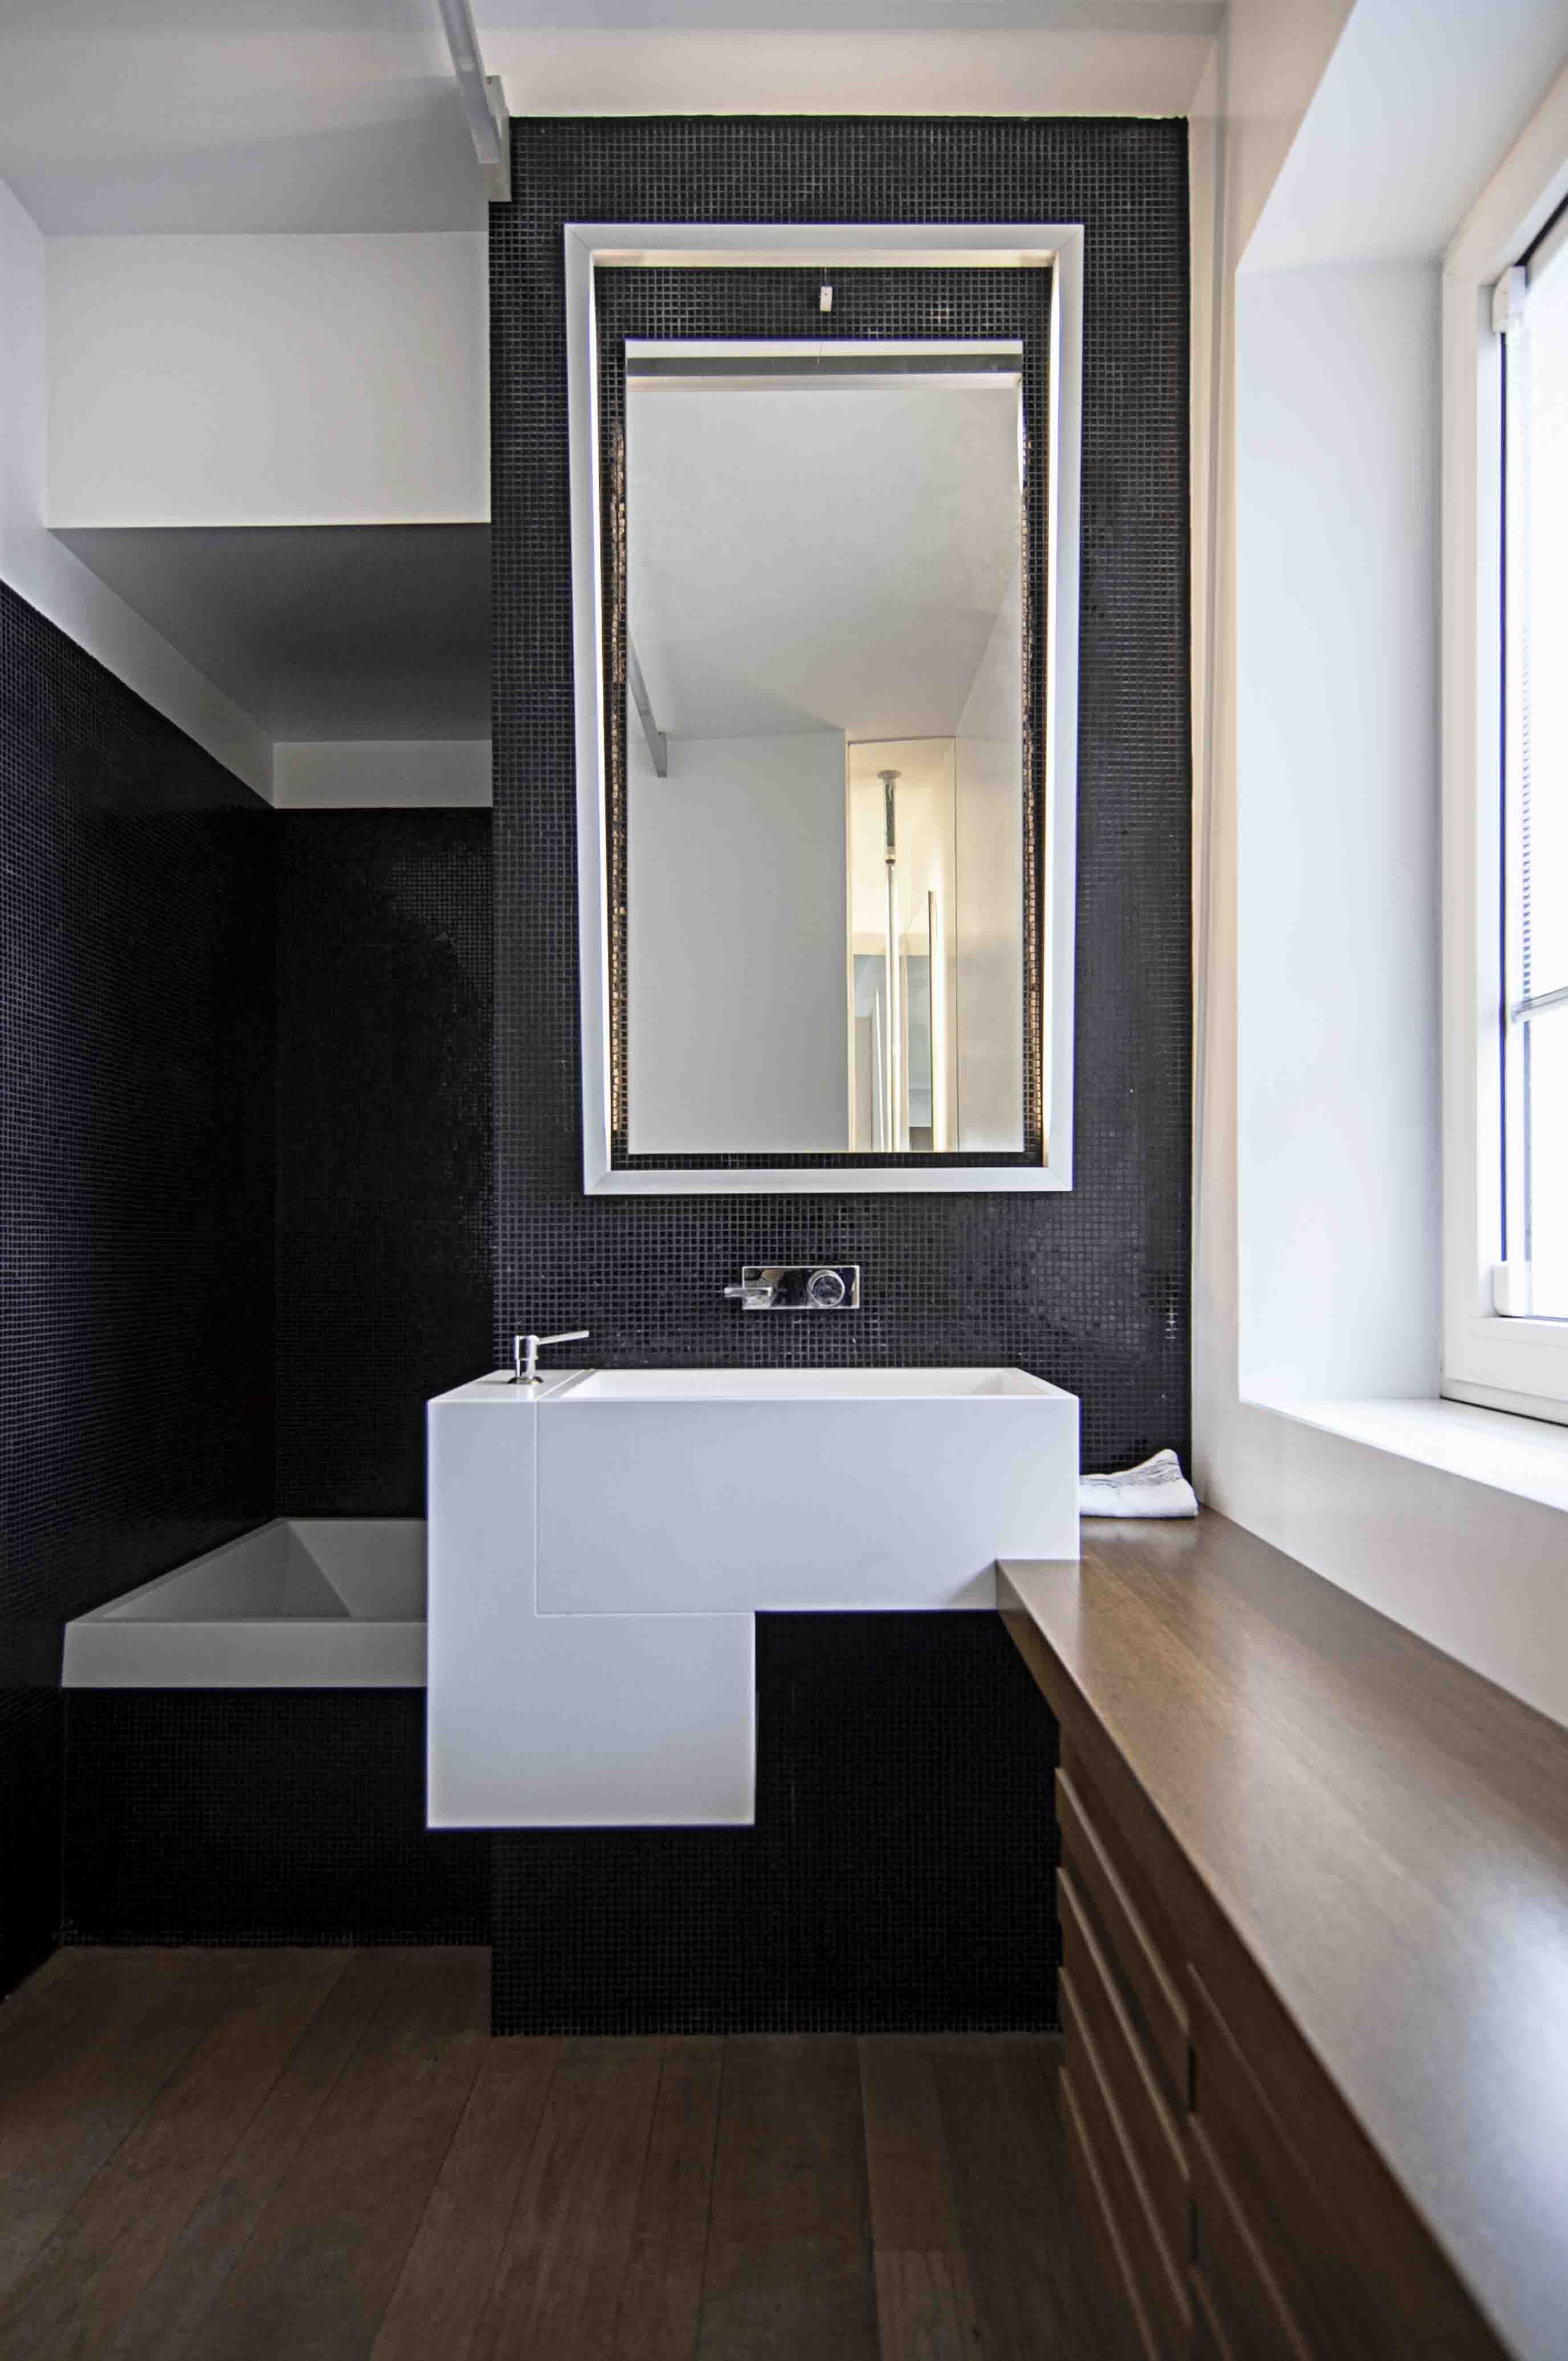 Doccia mosaico trendy mosaico piastrelle di ceramica grigio matt parete doccia pavimento wc - Rivestimento bagno economico ...